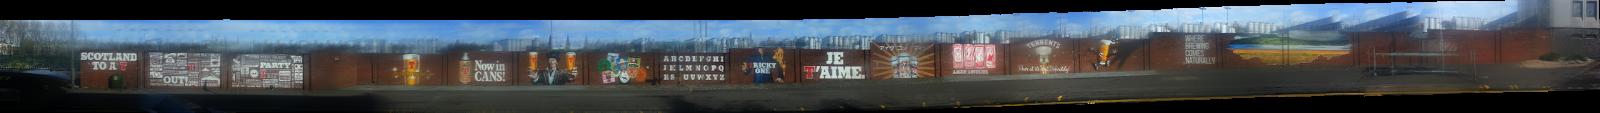 Wellpark Mural, Glasgow, Duke St